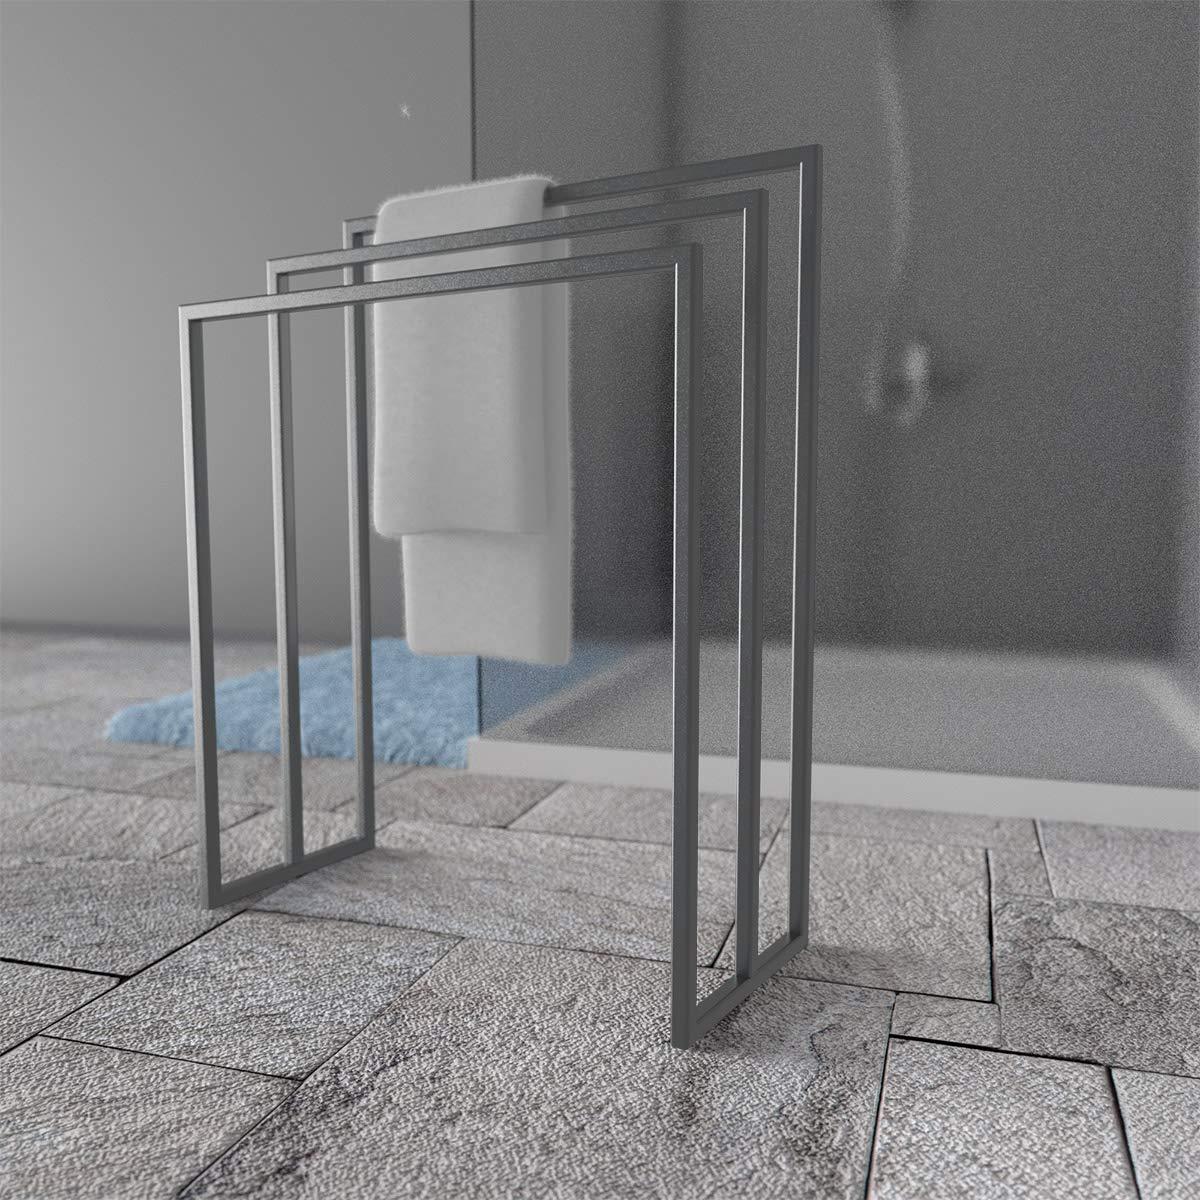 HOLZBRINK Metall Handtuchhalter Handtuchhalter Handtuchhalter für Badezimmer Kleiderständer Freistehender Handtuchständer mit 3 Stangen, Perldunkelgrau, 82x70x30 cm (HxBxT), HLMH-02B-82-70-9023 B07NML1221 Handtuchstnder c69327